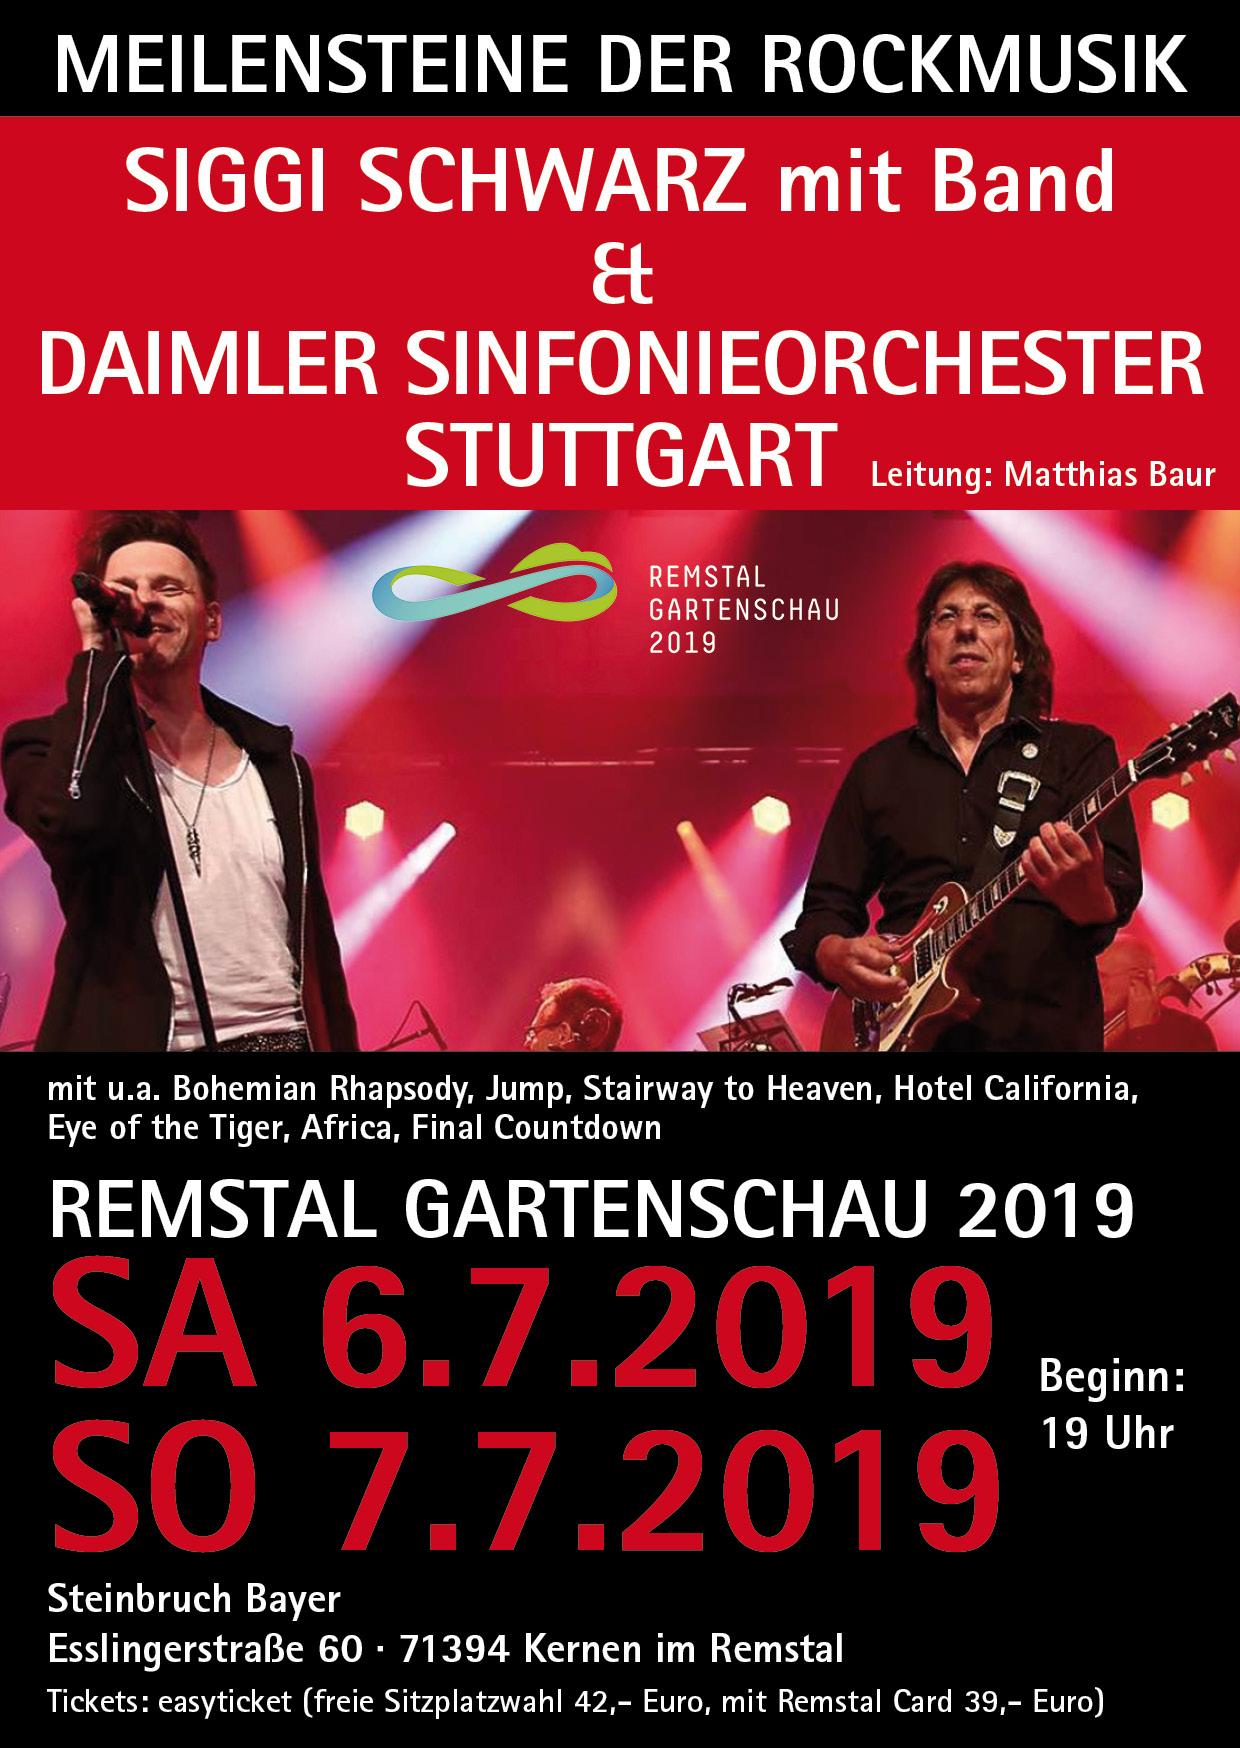 Flyer A6_Meilensteine Rockmusik